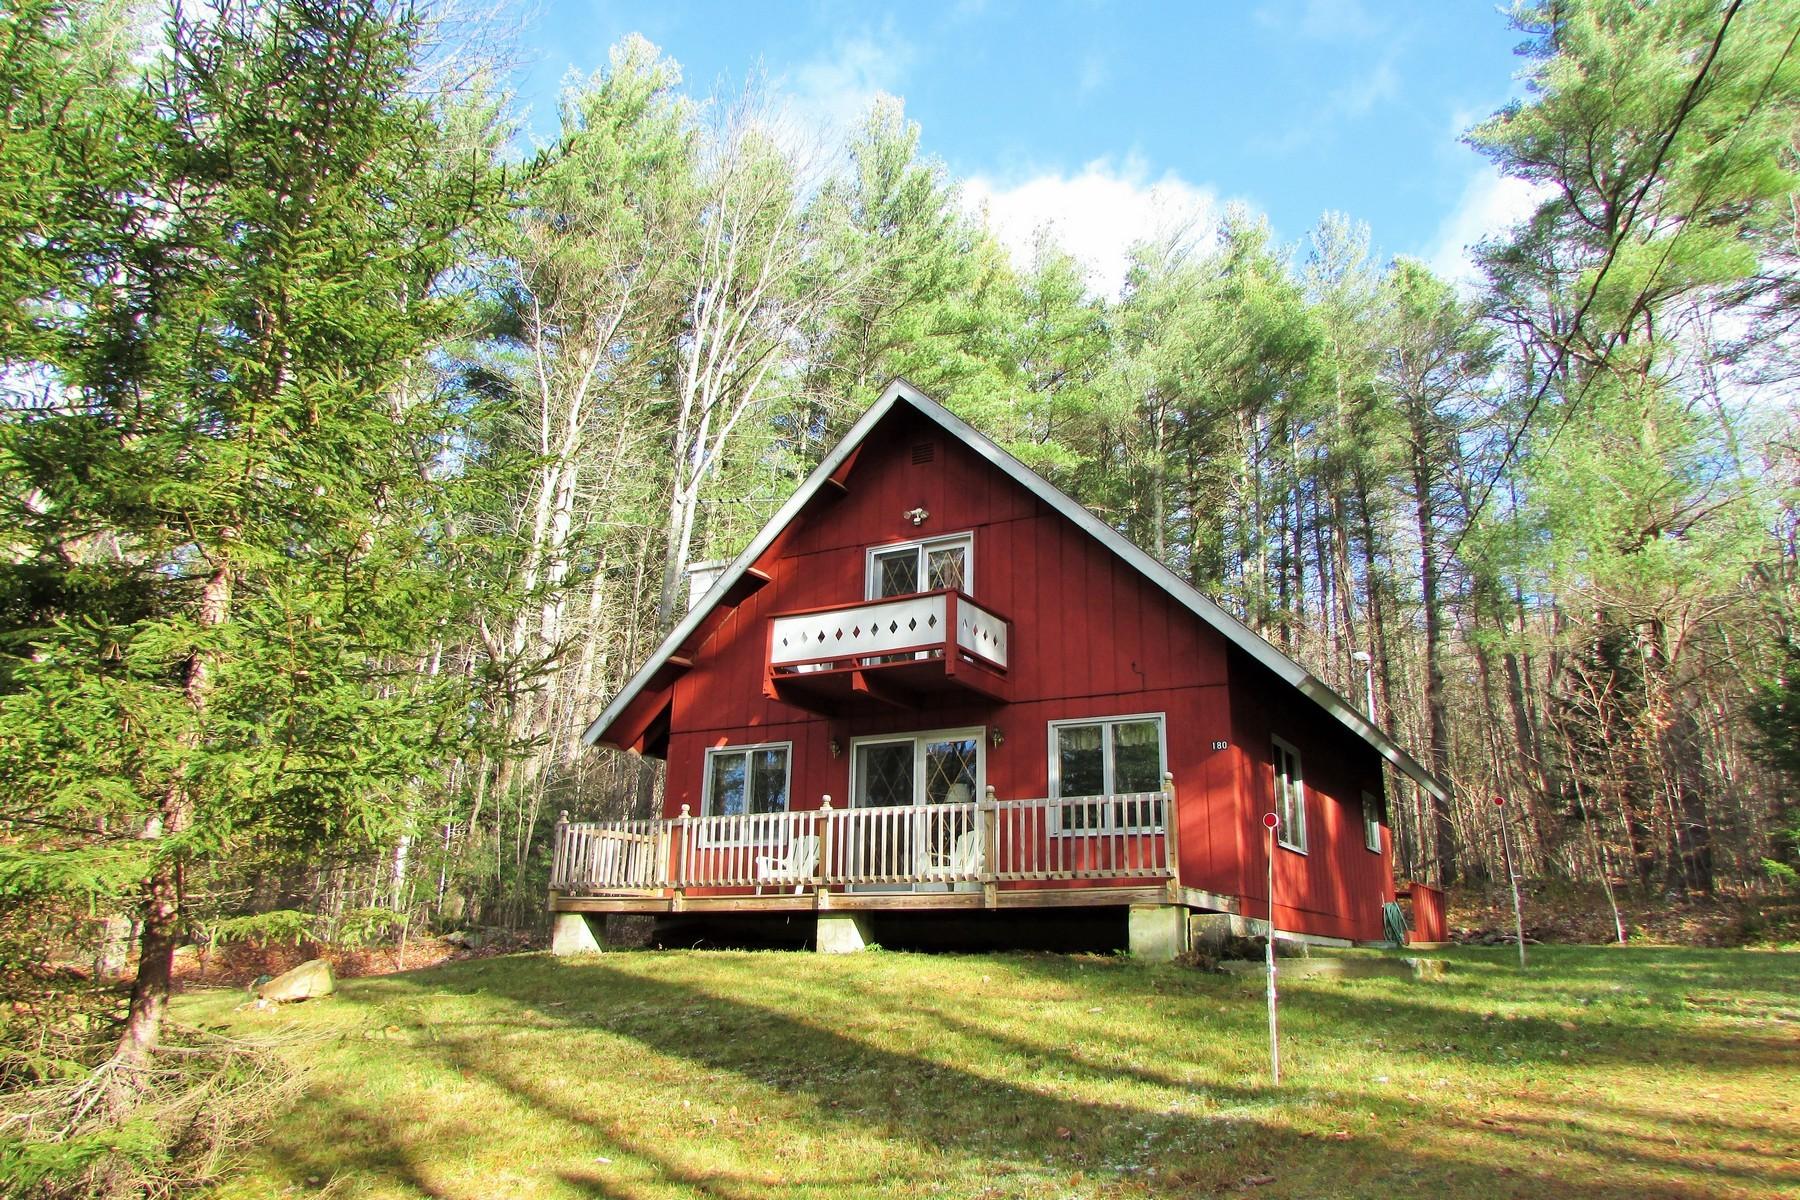 Частный односемейный дом для того Продажа на Snow Mountain Farms Chalet 180 Debbie Higgins Ln Wardsboro, Вермонт 05355 Соединенные Штаты